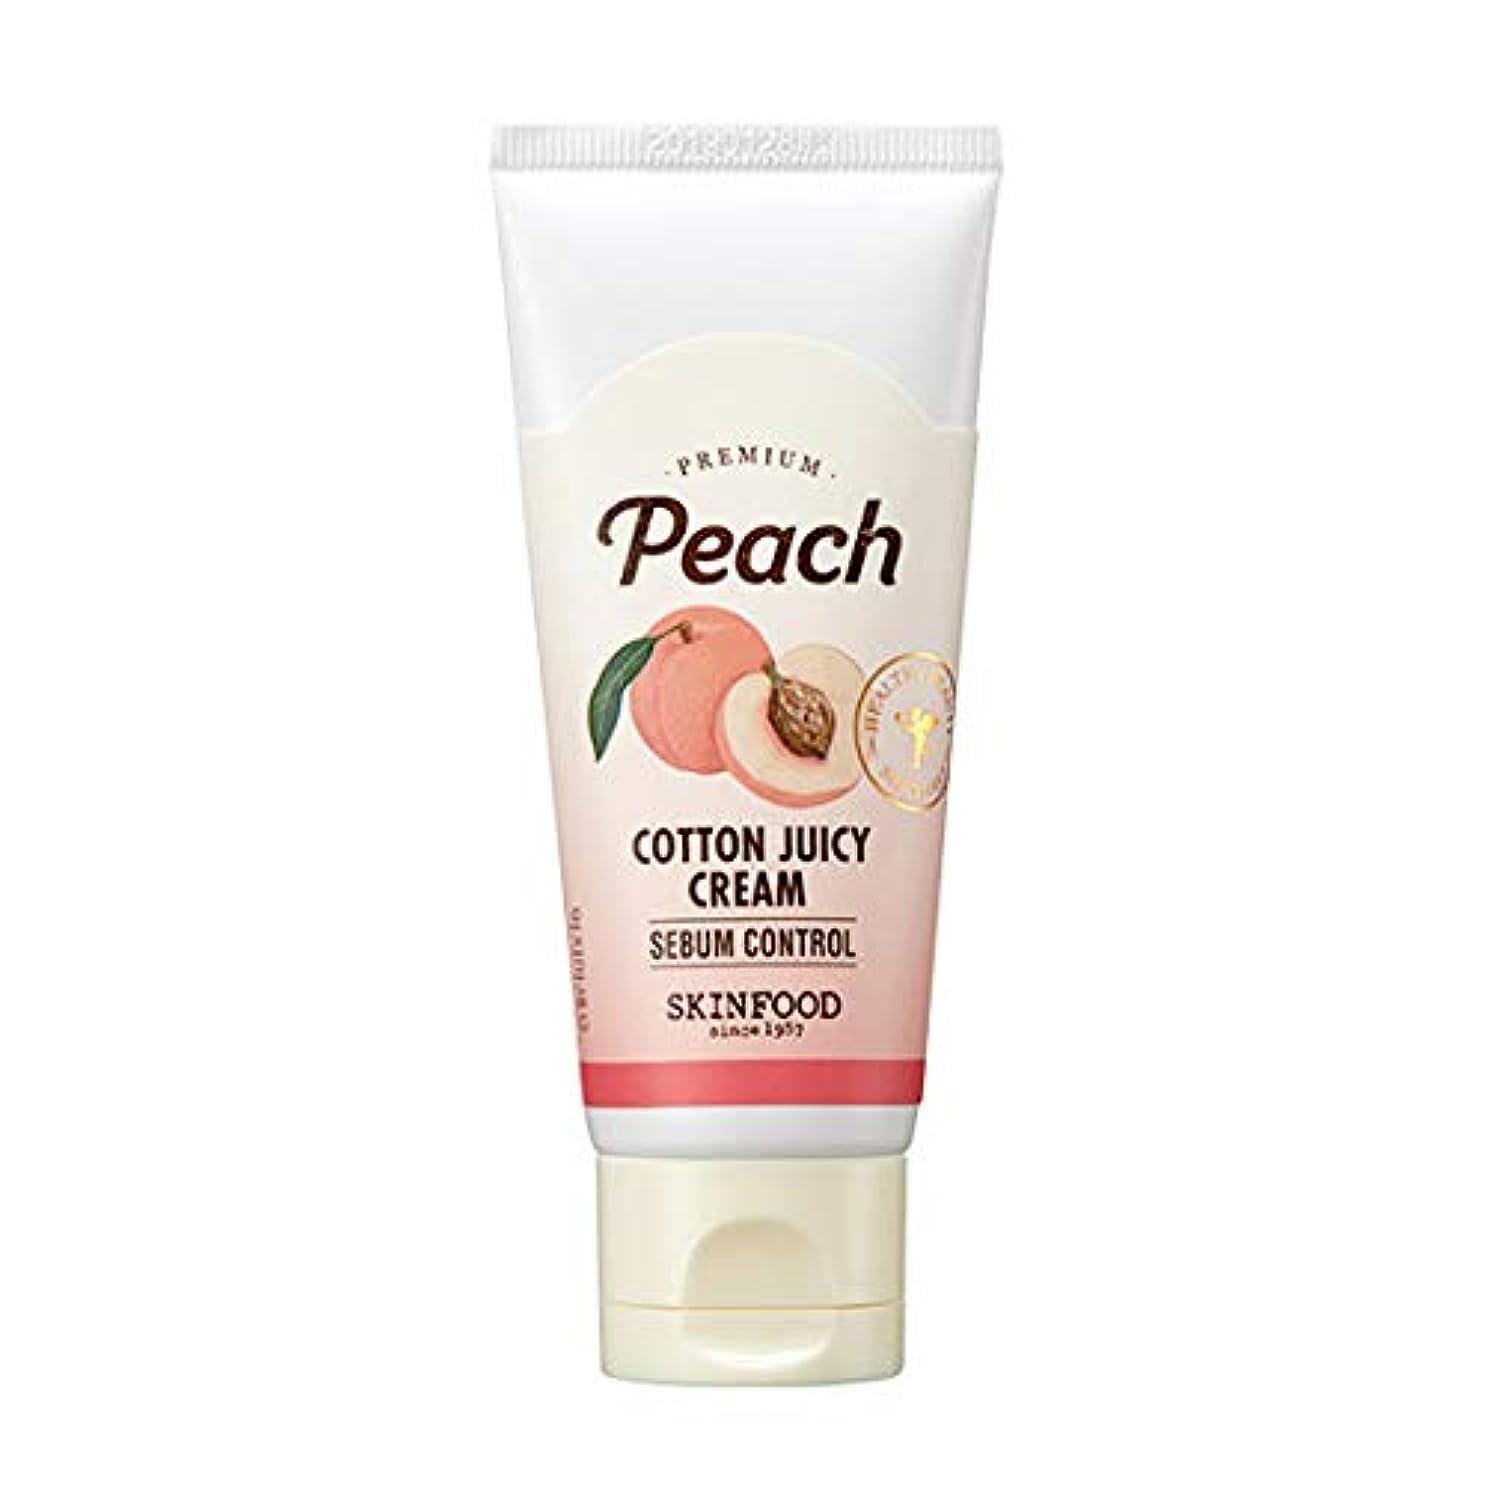 住居チューリップ専門Skinfood プレミアムピーチコットンジューシークリーム/Premium Peach Cotton Juicy Cream 60ml [並行輸入品]